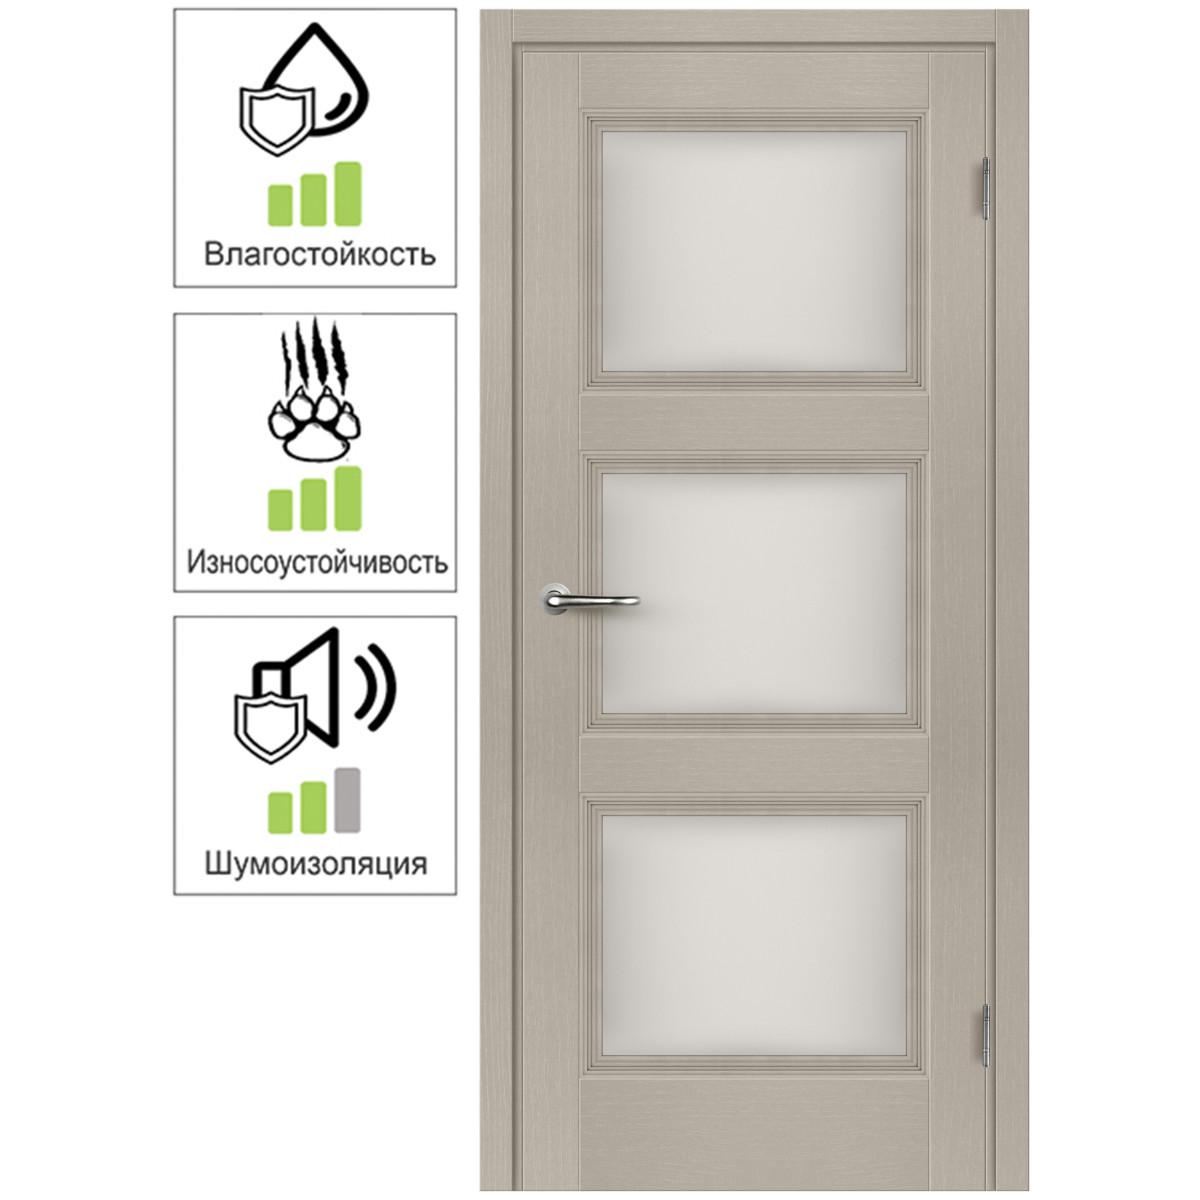 Дверь межкомнатная остеклённая Трилло 60x200 см Hardflex цвет ясень